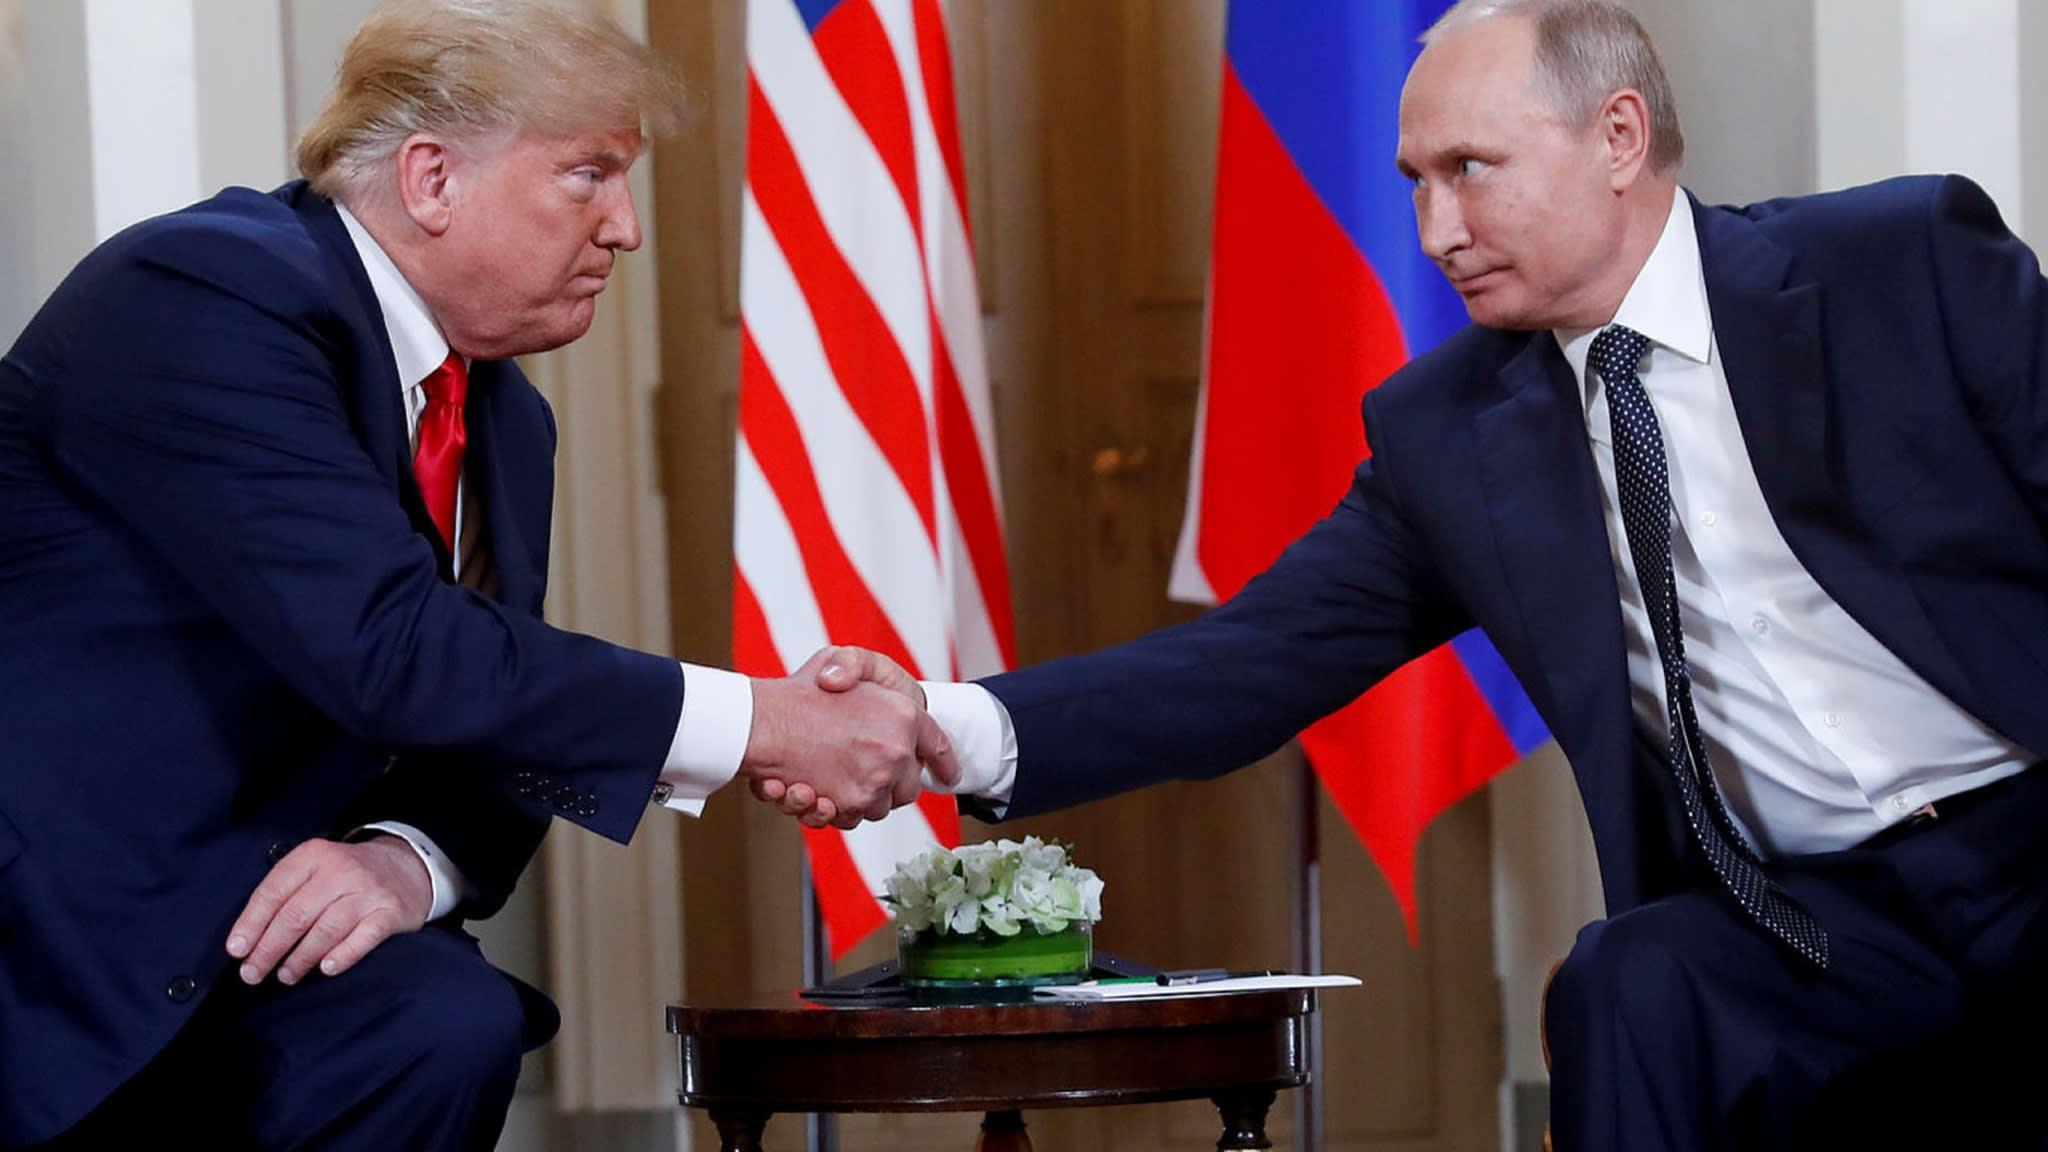 Trump to invite Putin to Washington